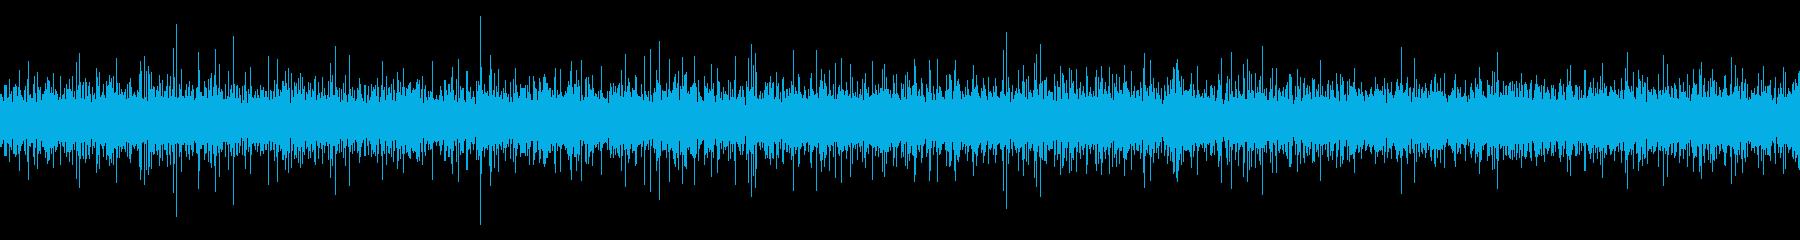 橋の下の川の水音【秋、夜】の再生済みの波形